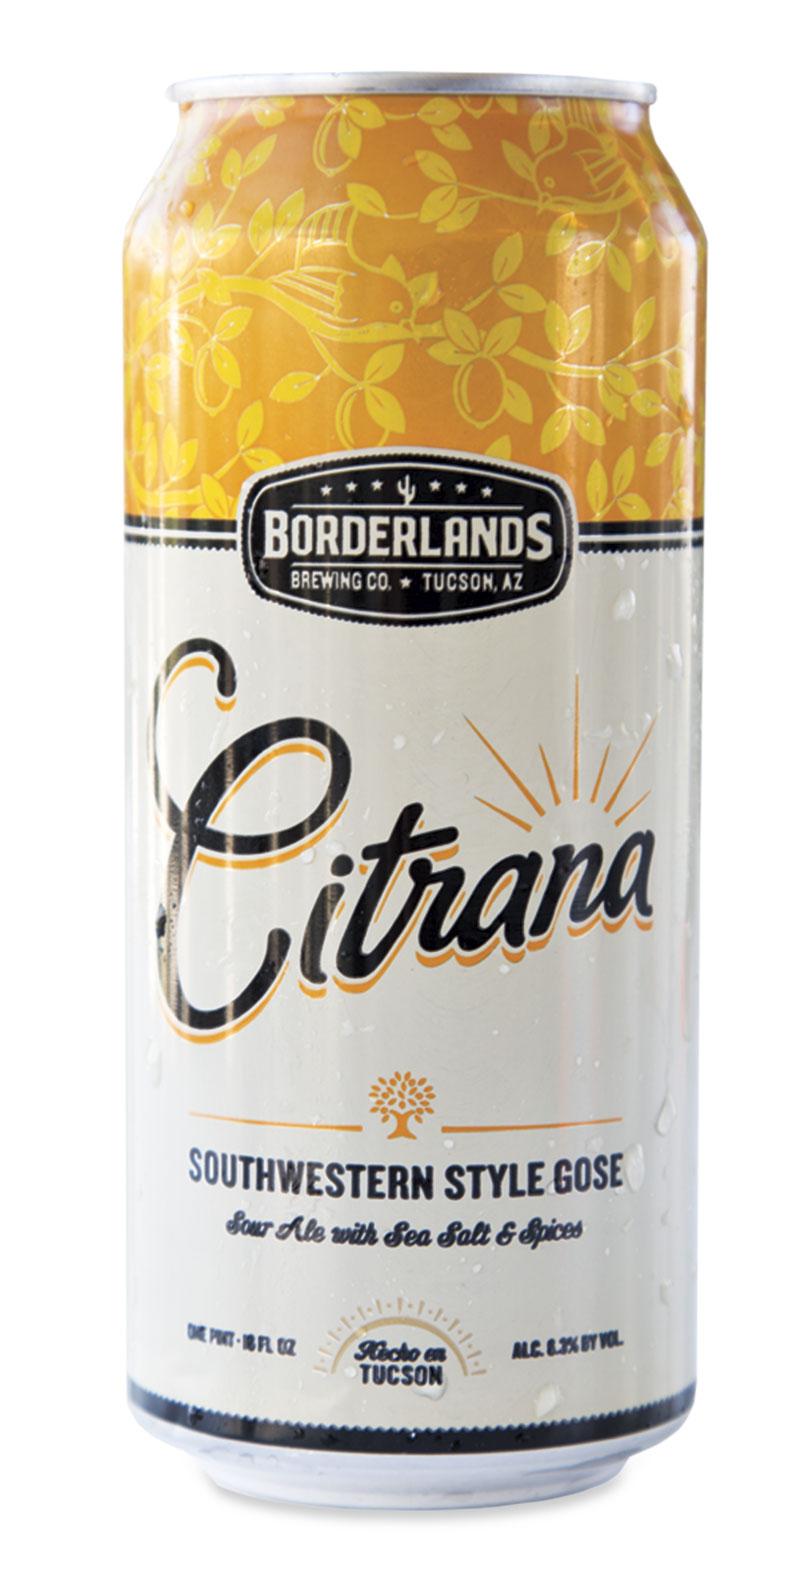 Borderlands Brewing Co. Citrana Wild Ale